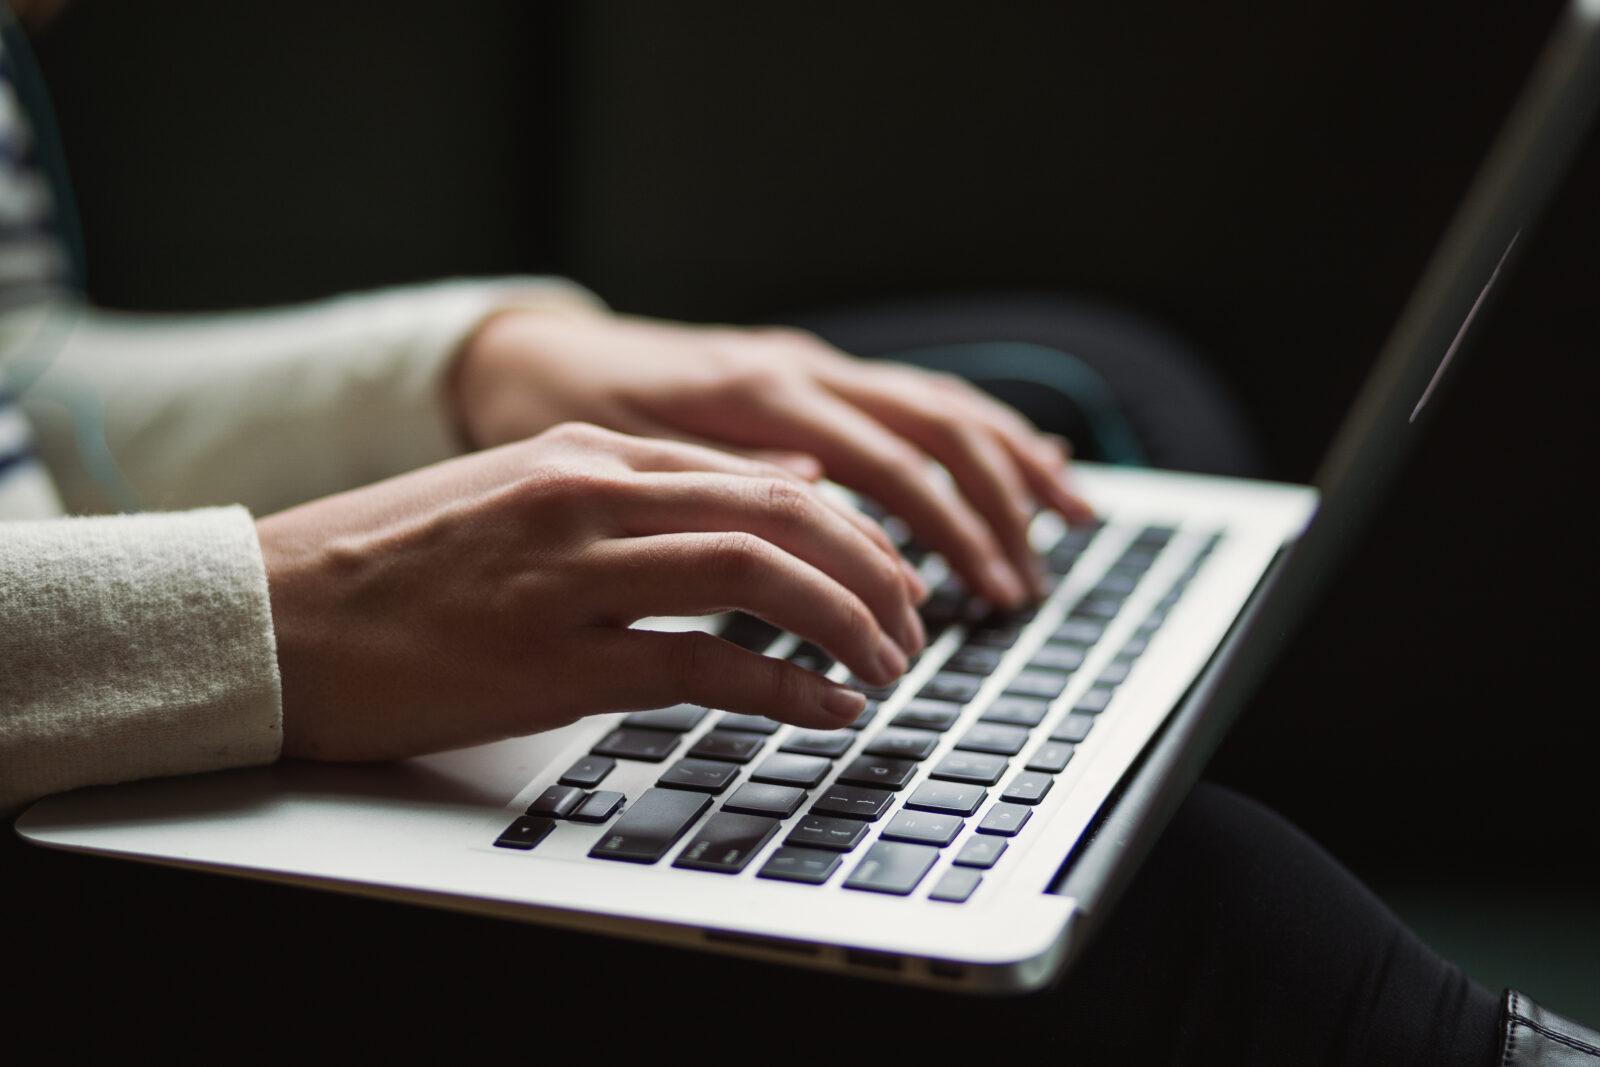 Datatilsynet indstiller to kommuner til GDPR-bøder for manglende kryptering af arbejdscomputere